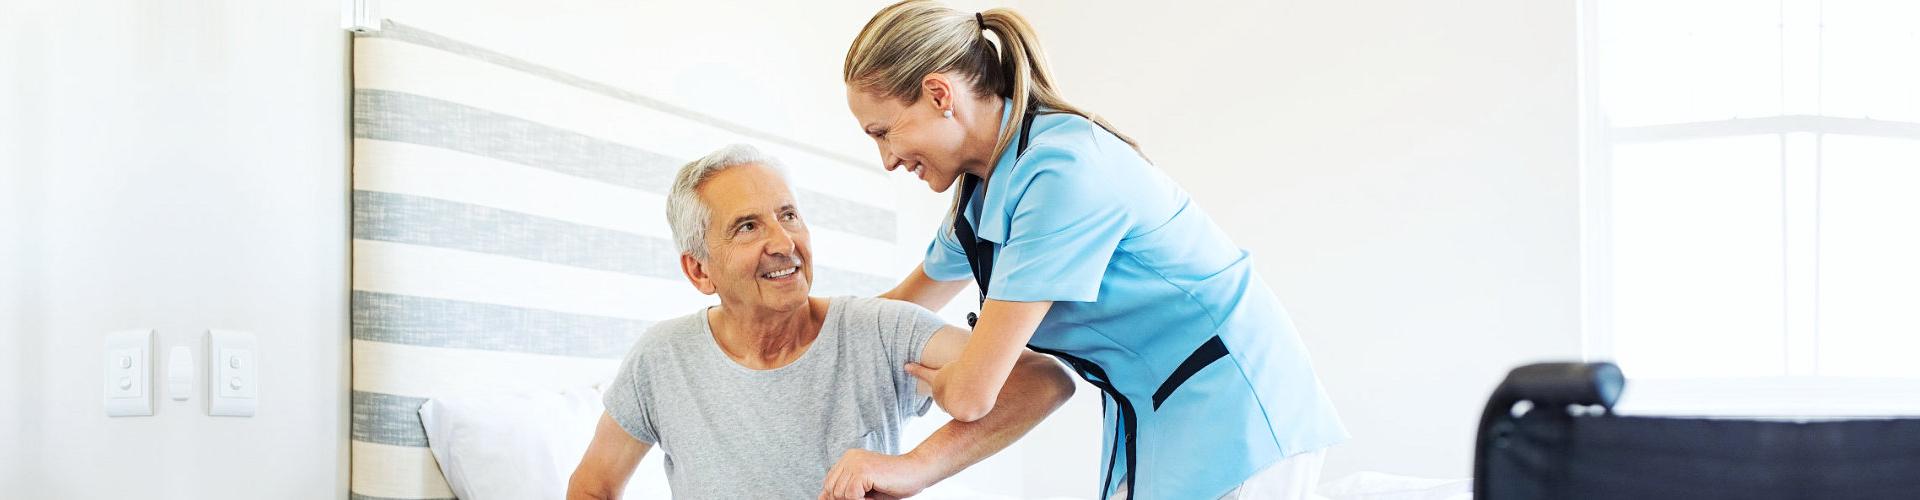 a caregiver assisting a senior man stand